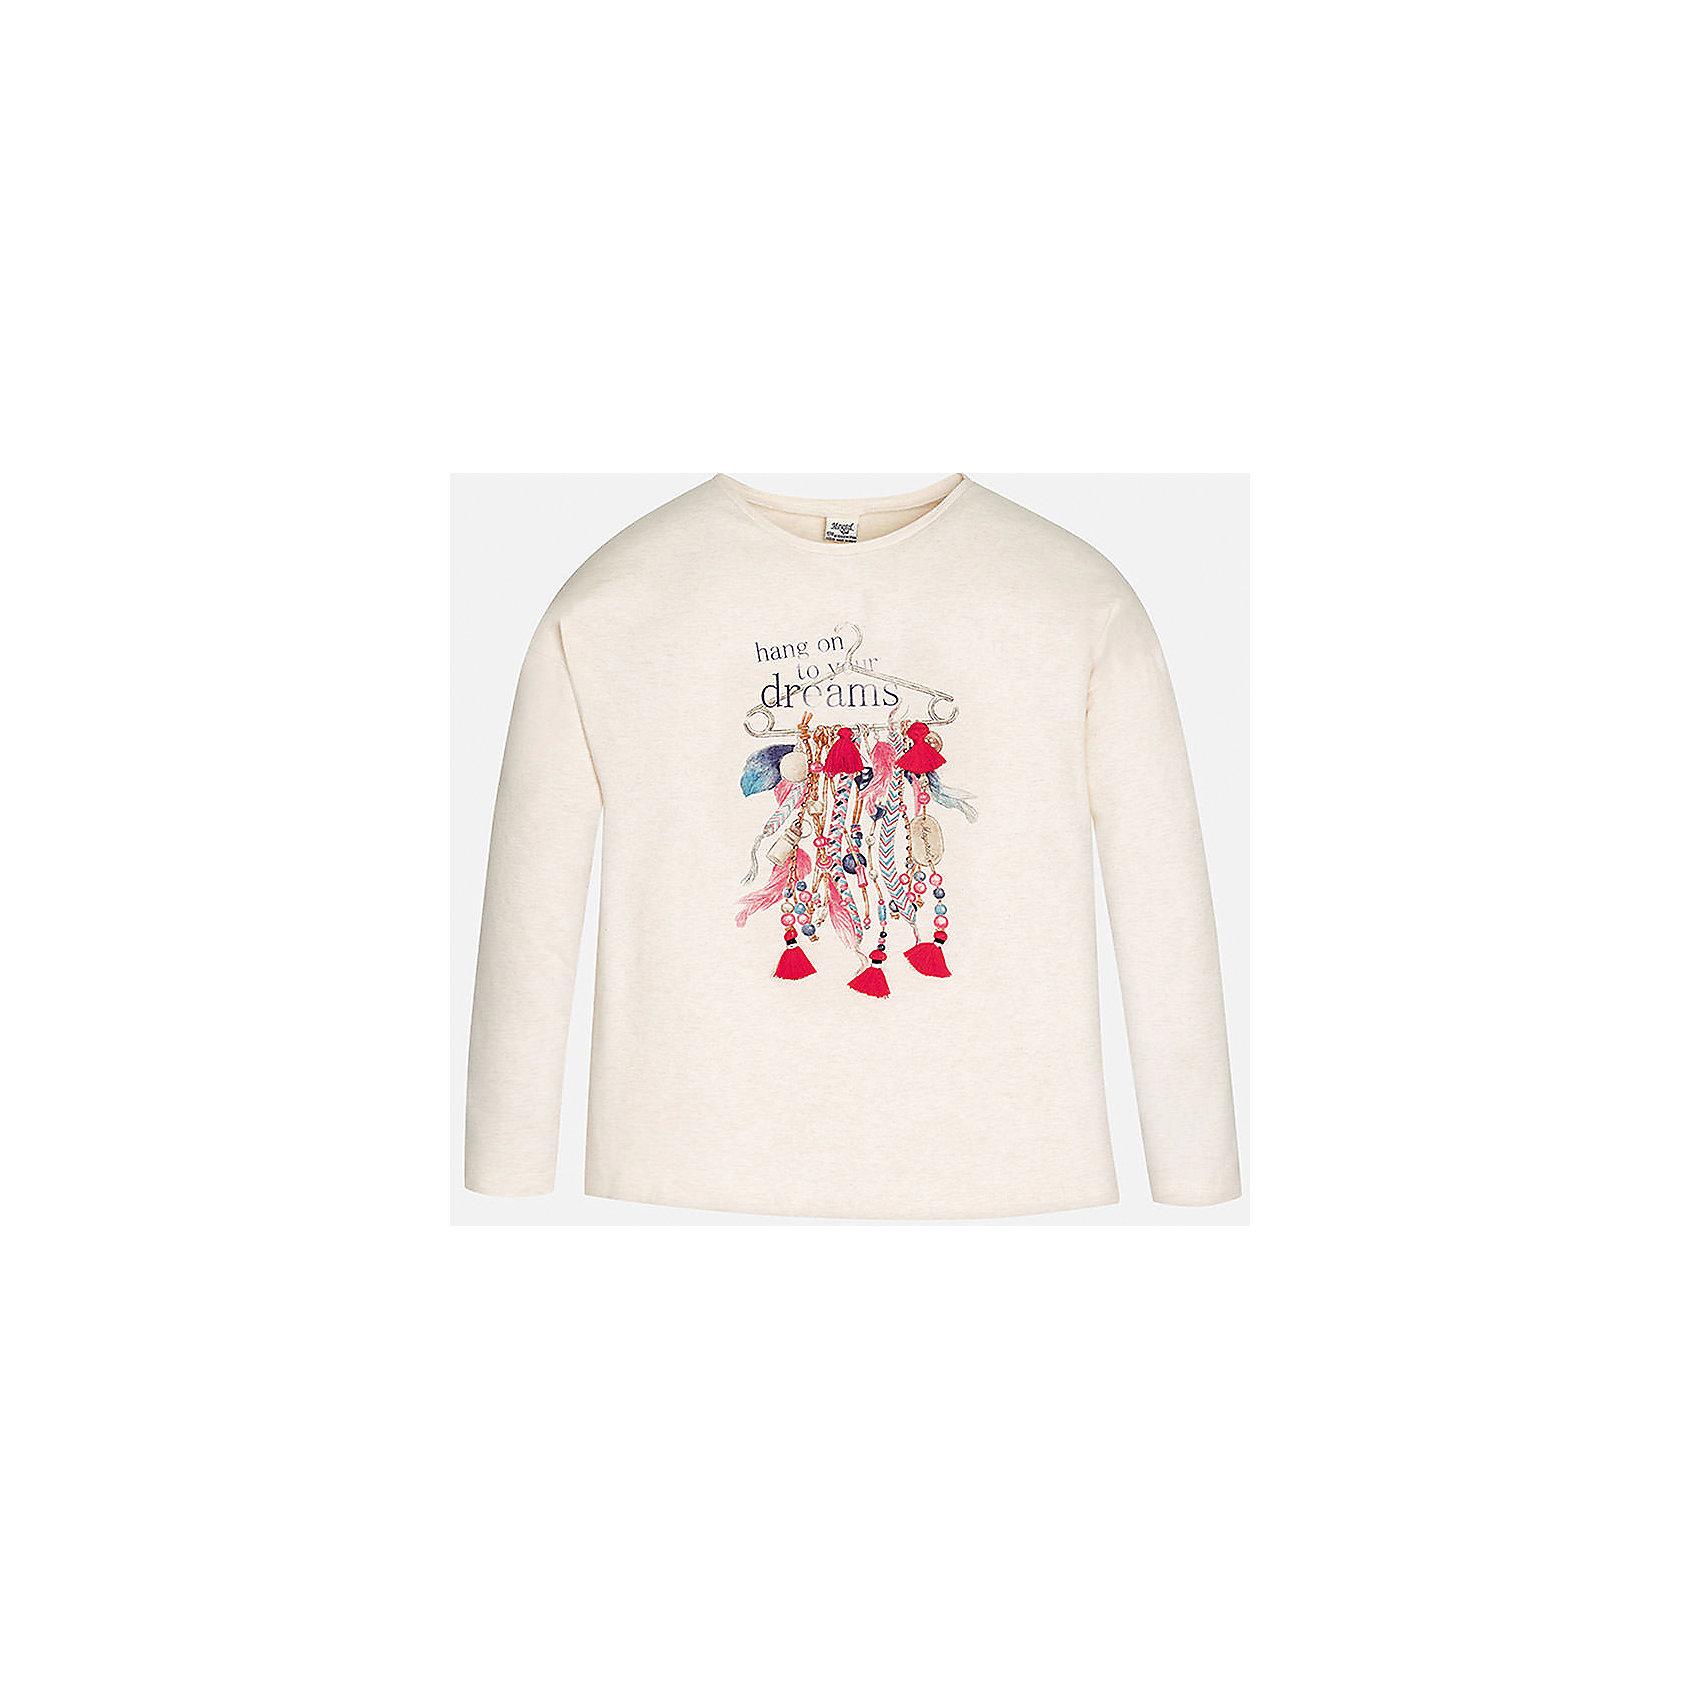 Футболка для девочки MayoralНежно-розовая футболка с длинным рукавом торговой марки    Майорал -Mayoral для девочек. Футболка с длинным рукавом, выполненная из хлопка с добавлением эластана и полиэстера, декорирована принтом с изображением модных девичьих аксессуаров. В такой футболке Ваша девочка не останется не замеченной.<br><br>Дополнительная информация: <br><br>- цвет: светло- розовый<br>- состав: хлопок 83%,  эластан 13%, полиэстер:4%<br>- фактура материала: текстильный<br>- тип карманов: без карманов<br>- уход за вещами: бережная стирка при 30 градусах<br>- рисунок: с рисунком<br>- назначение: повседневная<br>- сезон: круглогодичный<br>- пол: девочки<br>- страна бренда: Испания<br>- страна производитель: Индия<br>- комплектация: футболка<br><br>Футболку для девочки торговой марки Mayoral можно купить в нашем интернет-магазине.<br><br>Ширина мм: 199<br>Глубина мм: 10<br>Высота мм: 161<br>Вес г: 151<br>Цвет: бежевый<br>Возраст от месяцев: 96<br>Возраст до месяцев: 108<br>Пол: Женский<br>Возраст: Детский<br>Размер: 146/152,134/140,152/158,164/170,158/164,128/134<br>SKU: 4847075